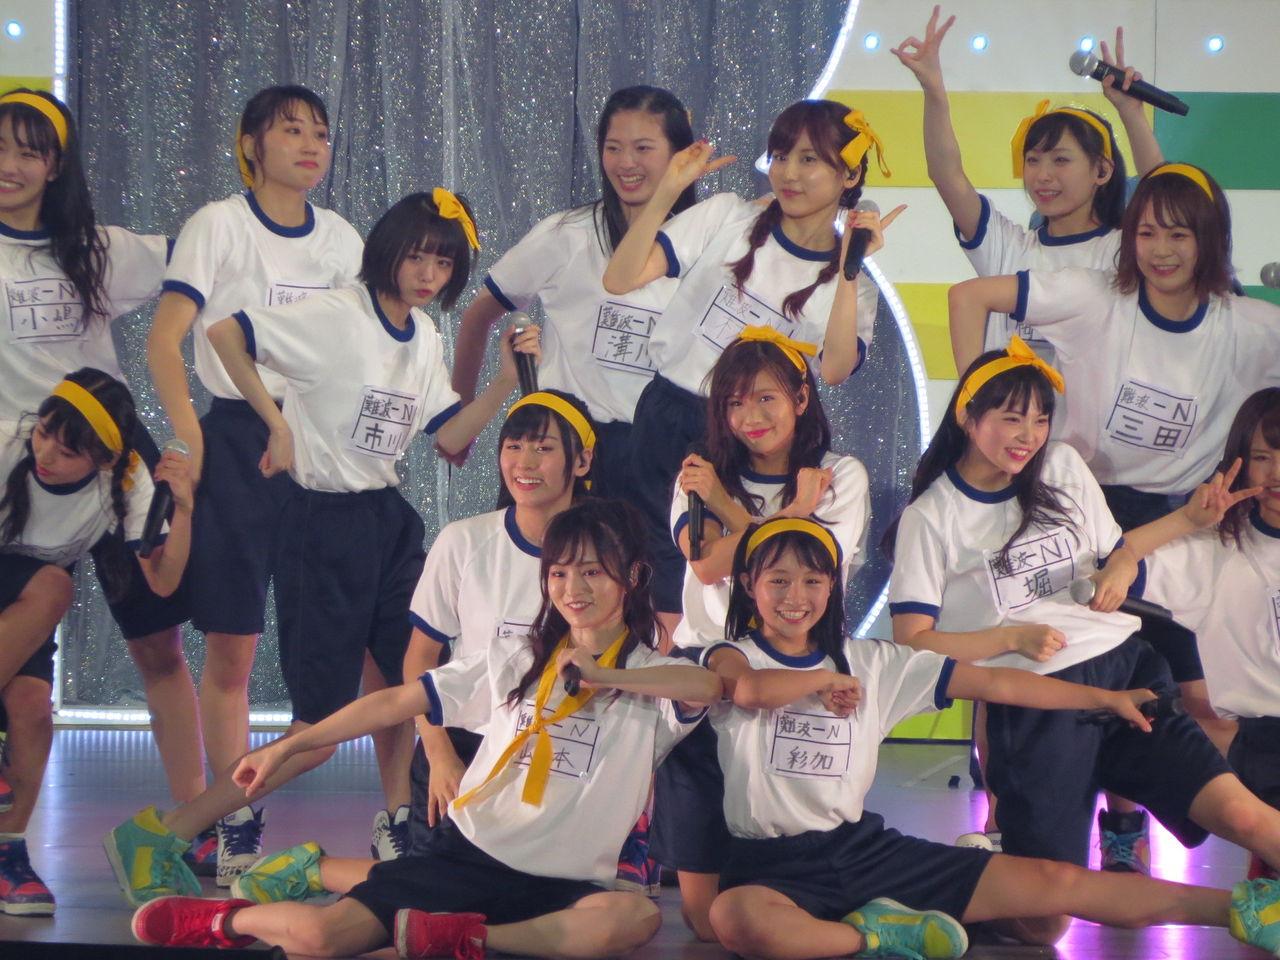 NMB48アリーナツアー2017@日本ガイシホール メンバーの感想ツイートなどまとめ【動画・画像】